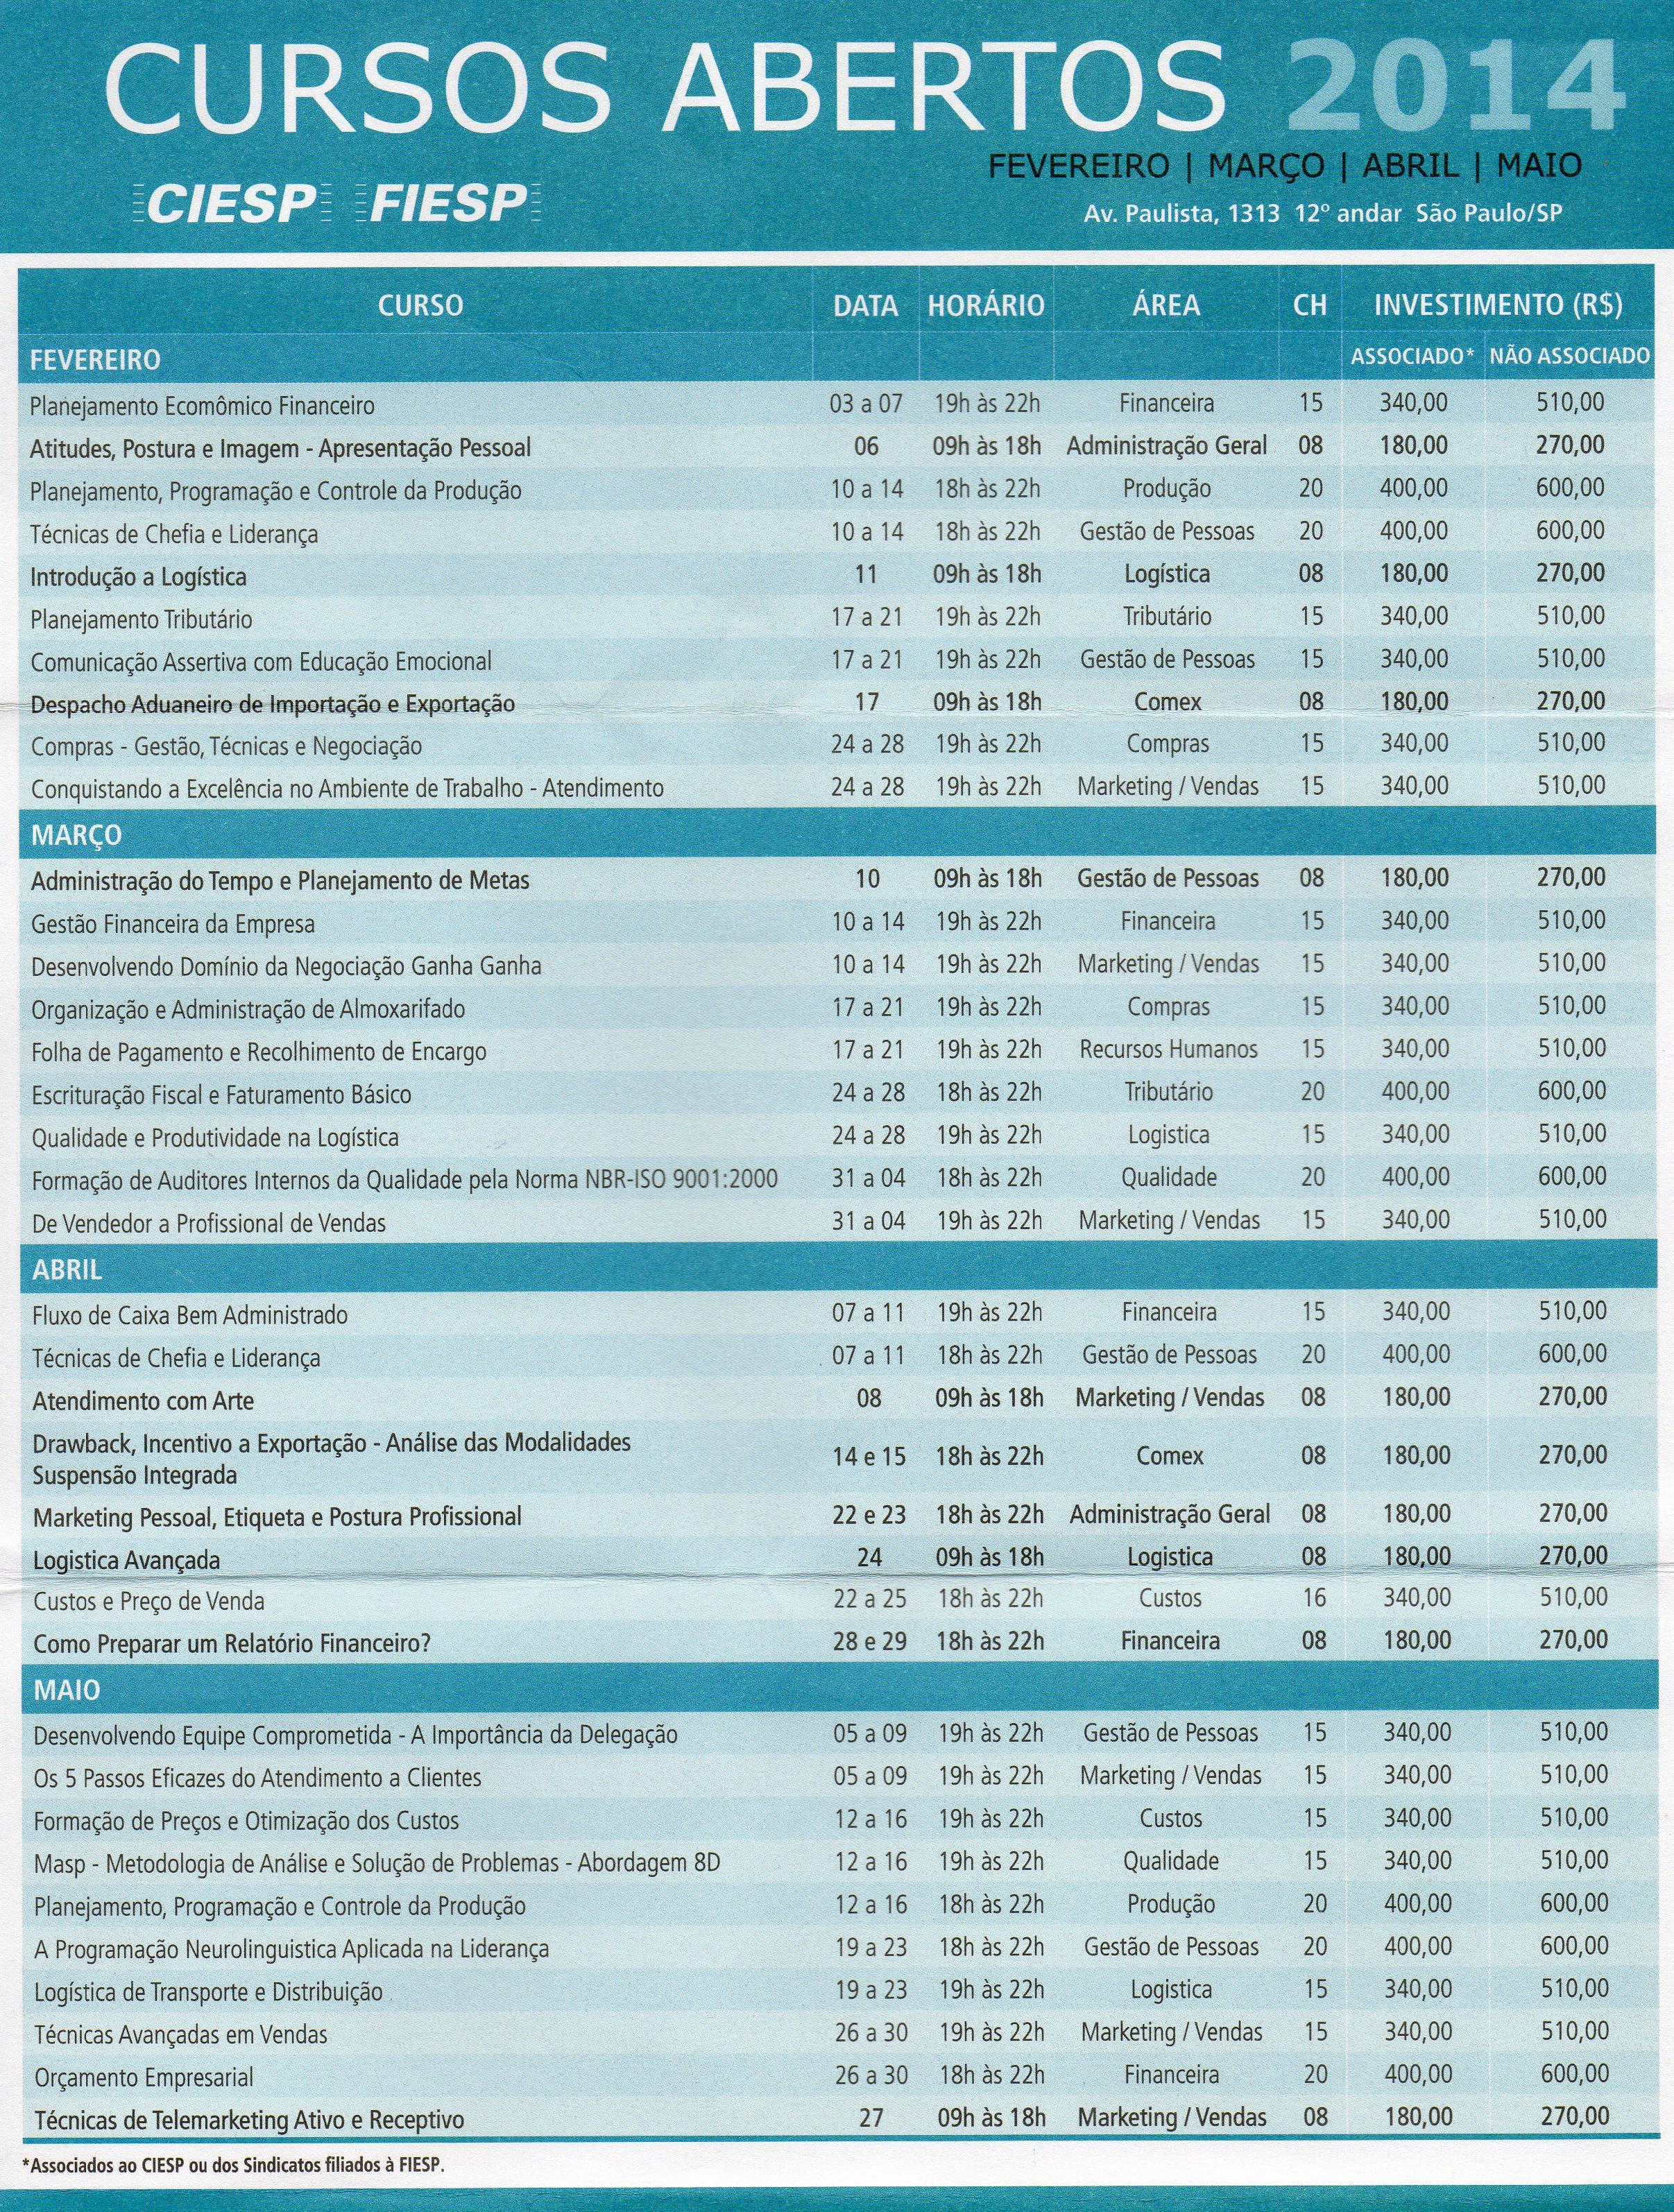 Cursos Profissionalizantes Abertos Para 2014 - Inscrições e Preços - Ciesp e Fiesp